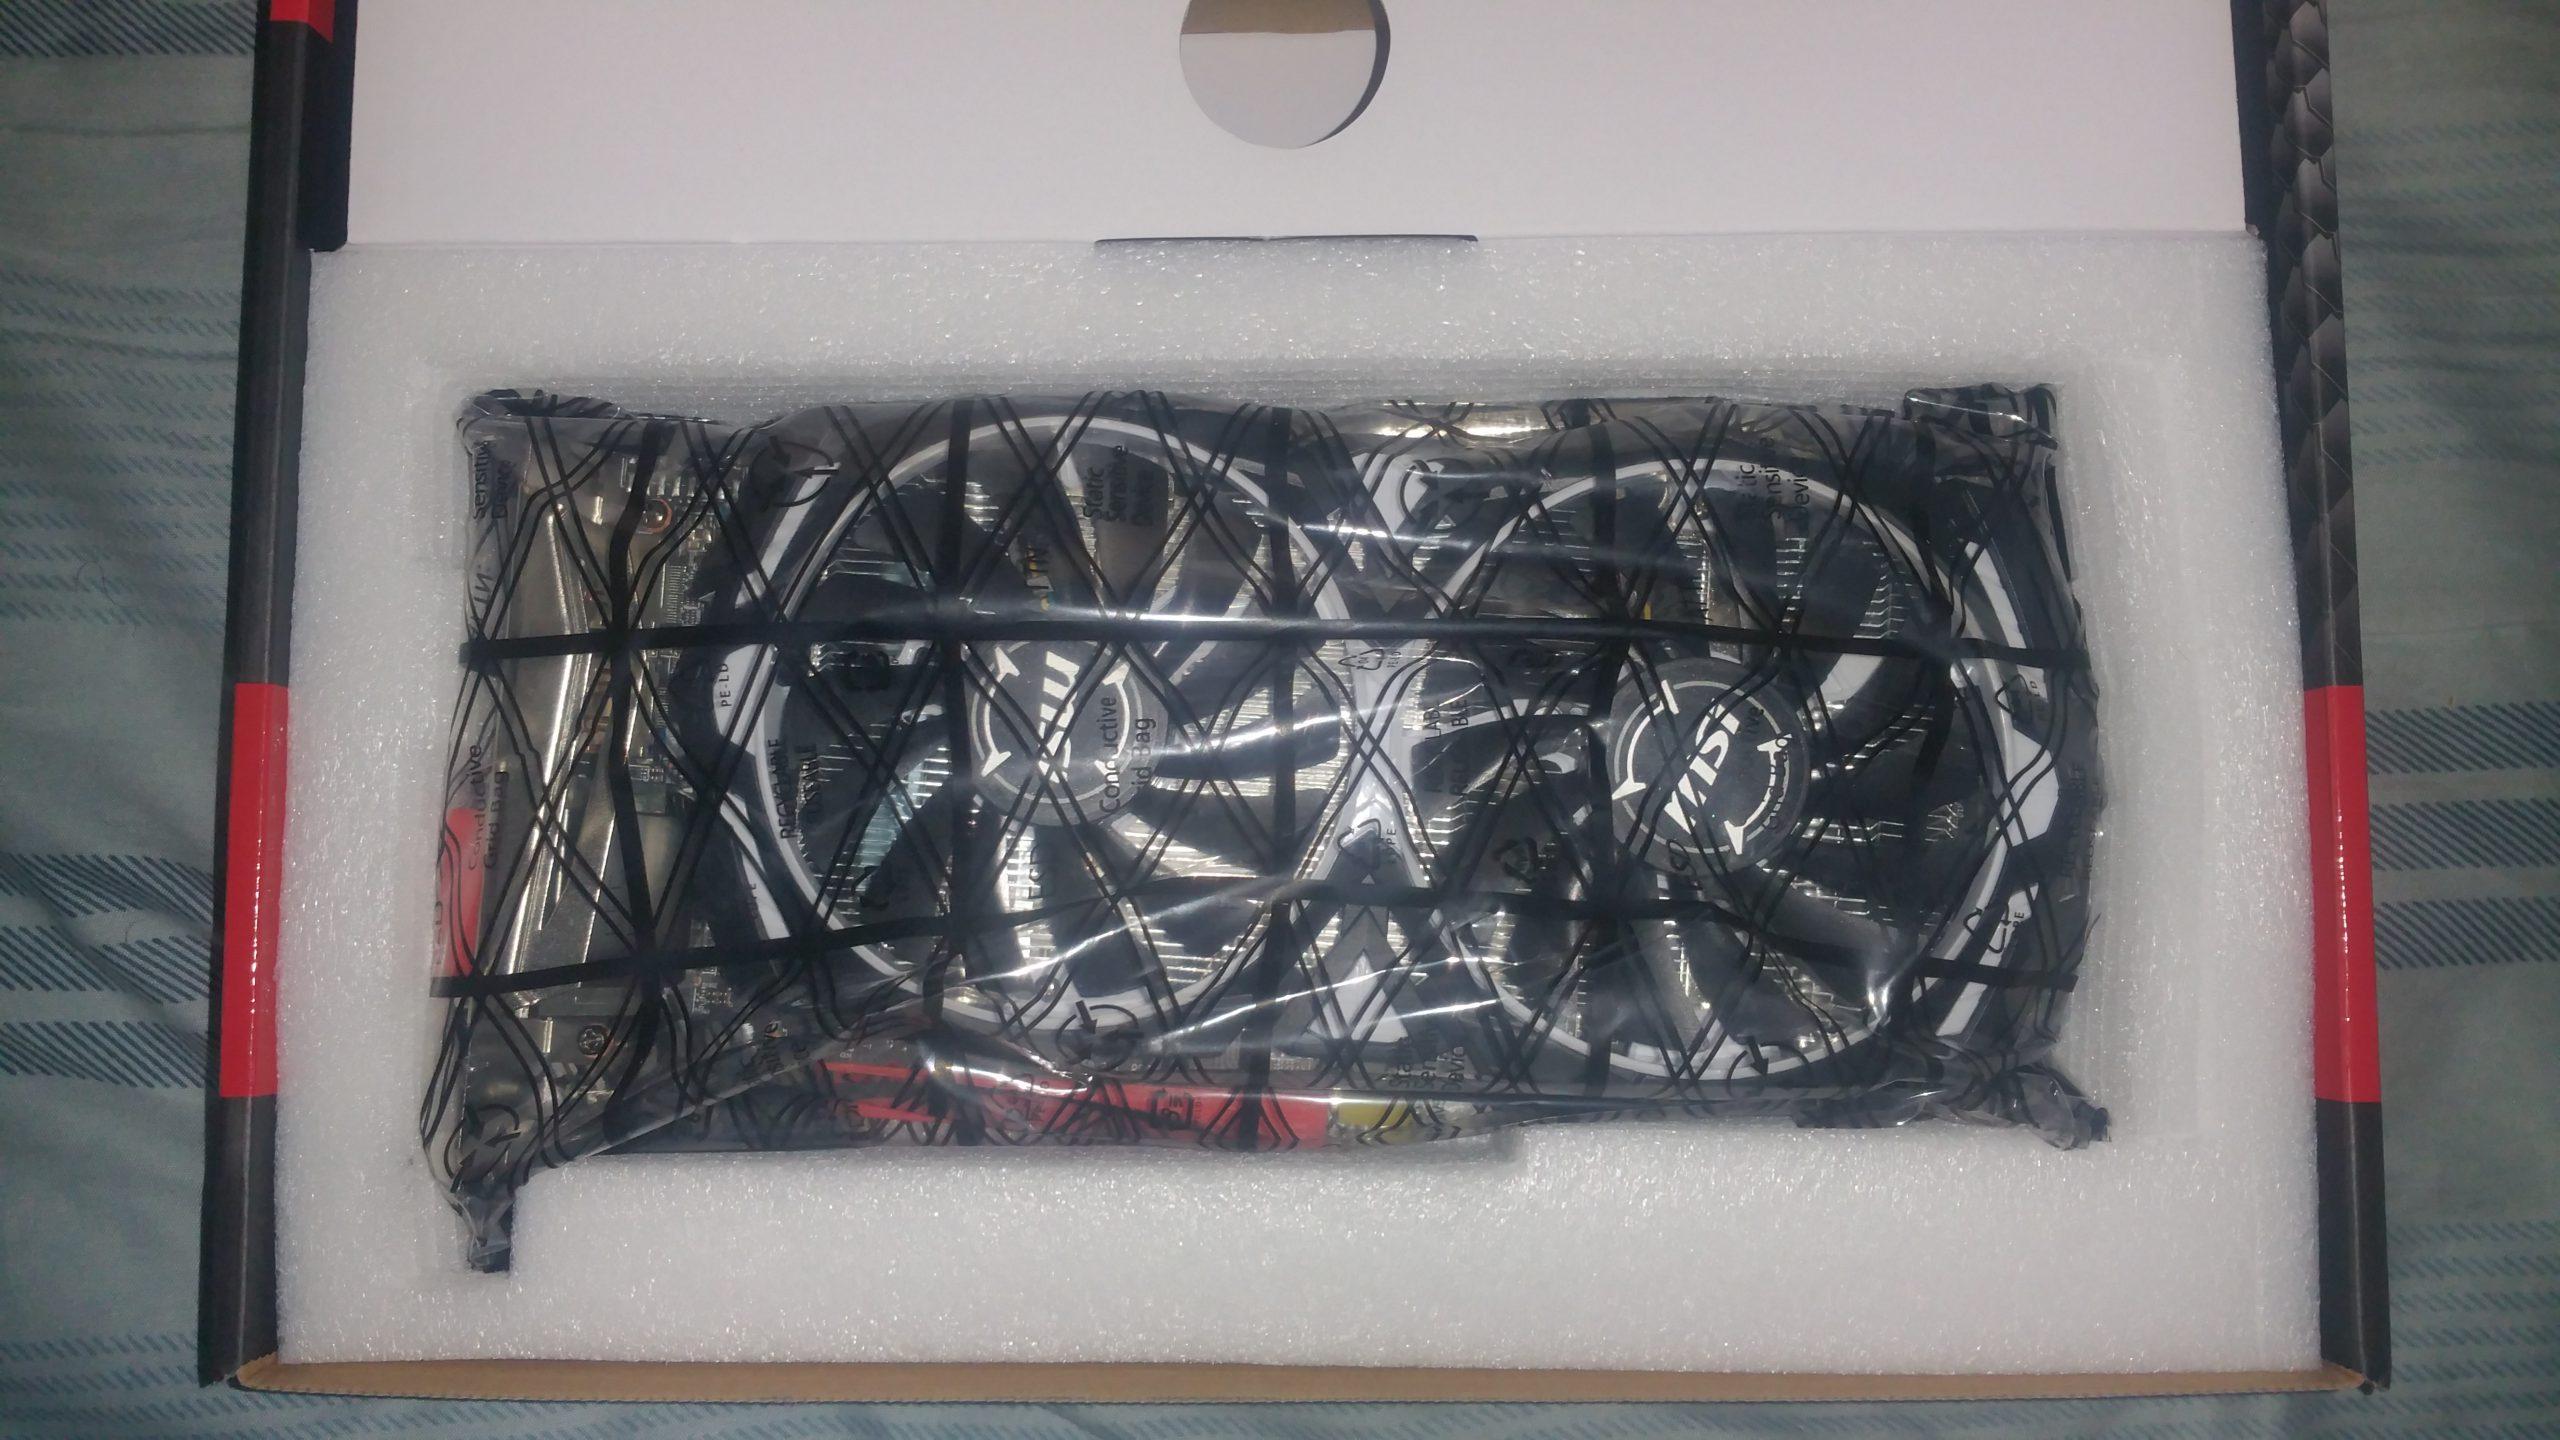 MSI Radeon RX 570 Armor 4GB OC - 2